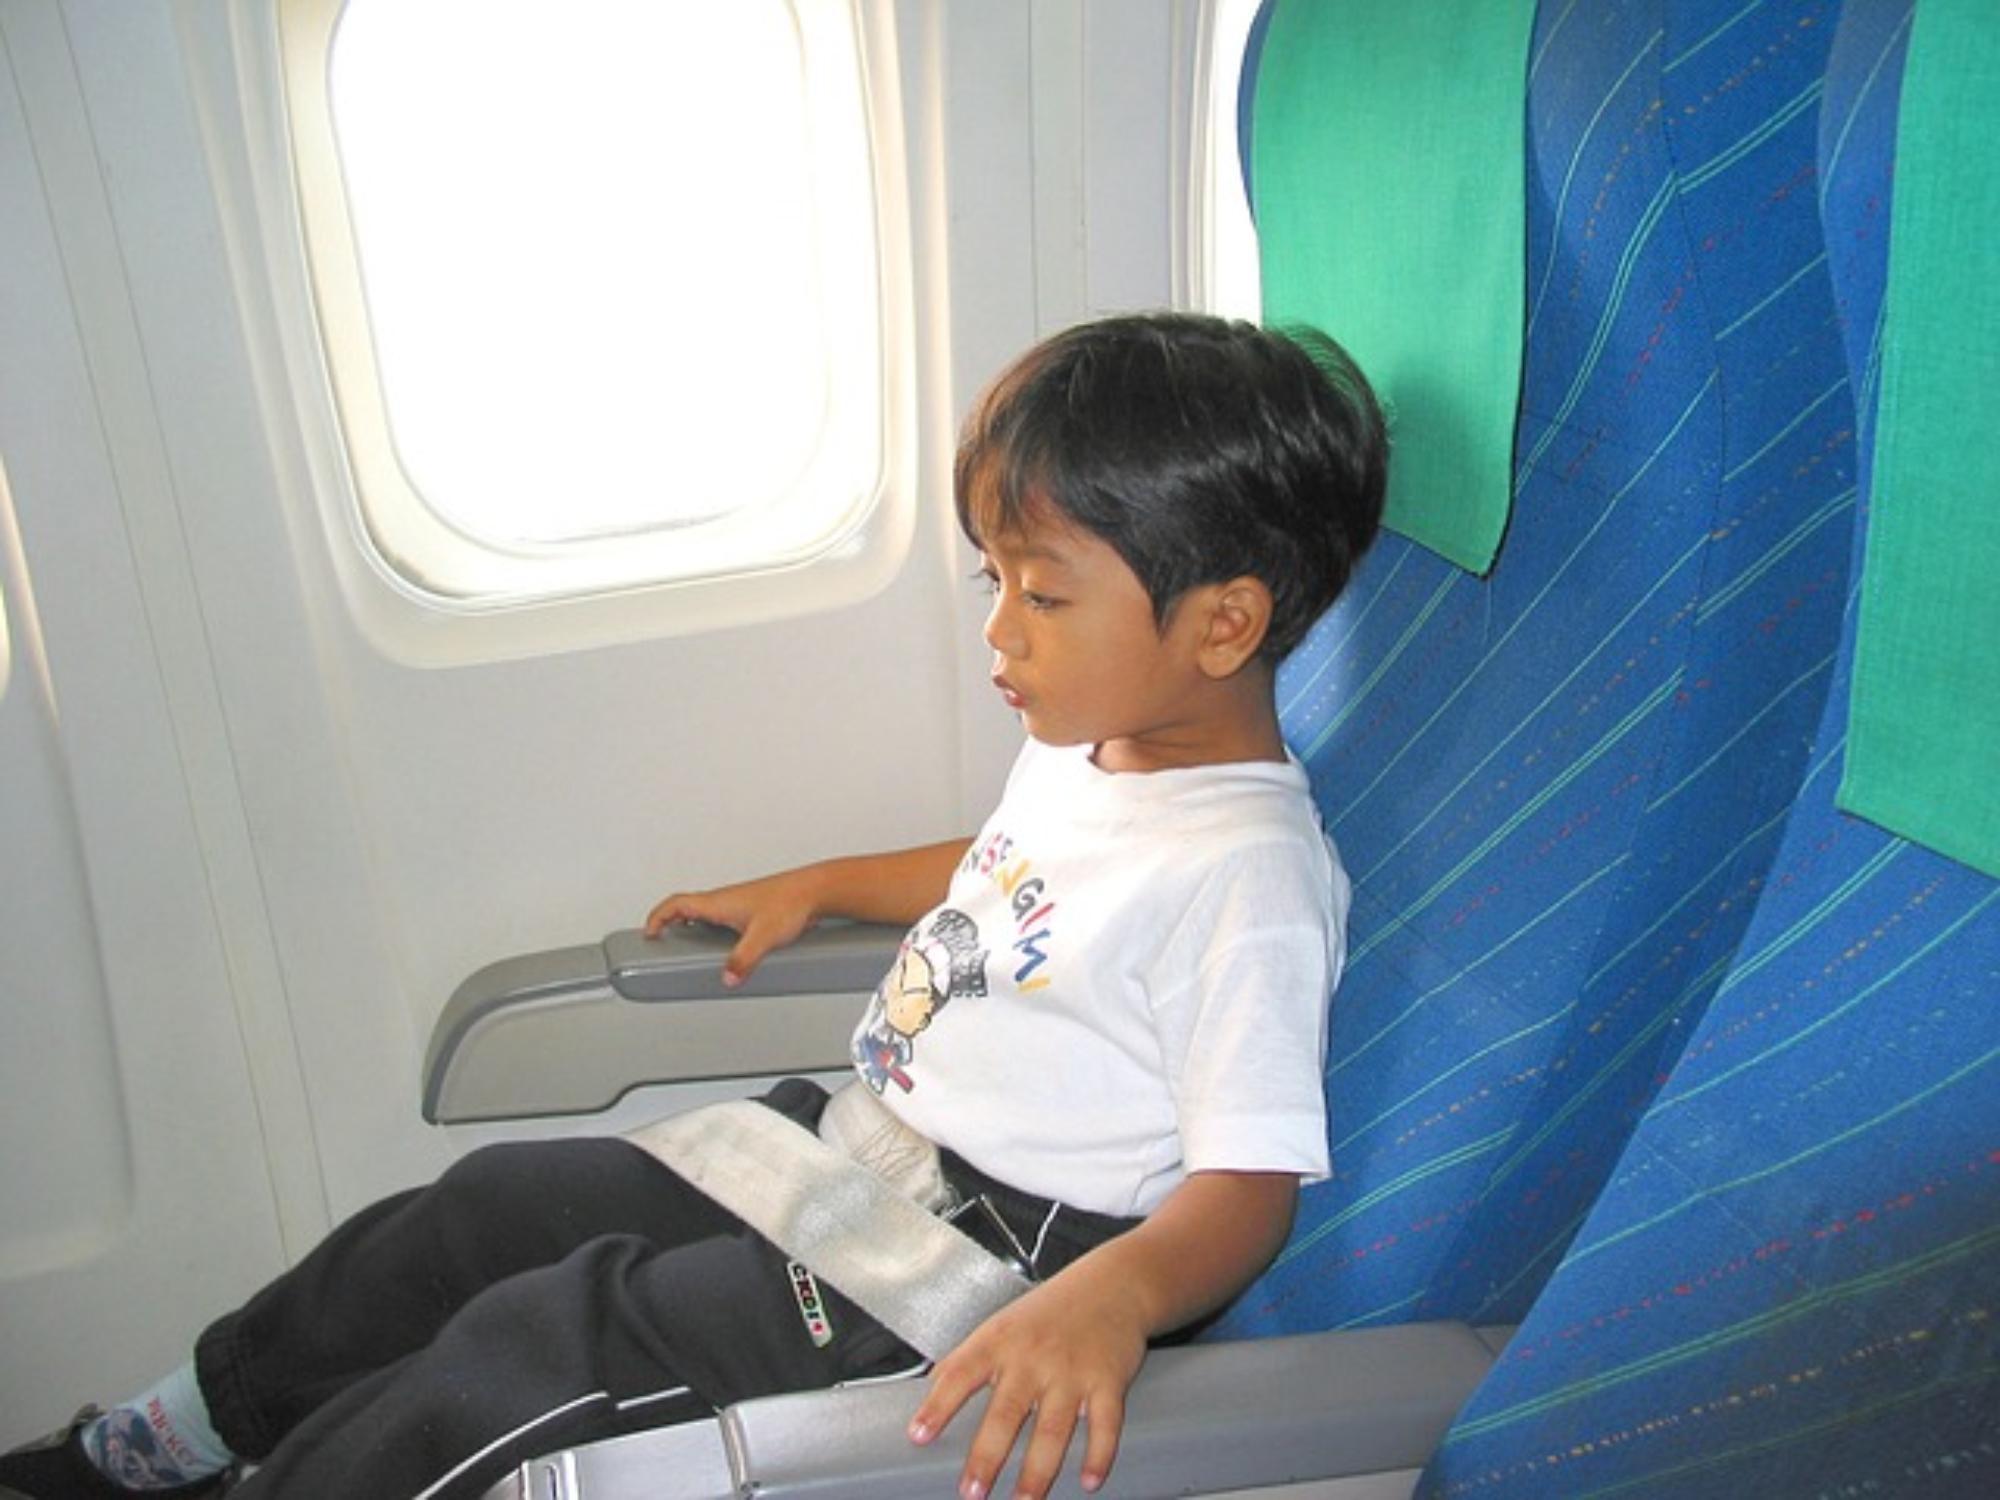 Podróż z dzieckiem. Jak sprawić by była udana?